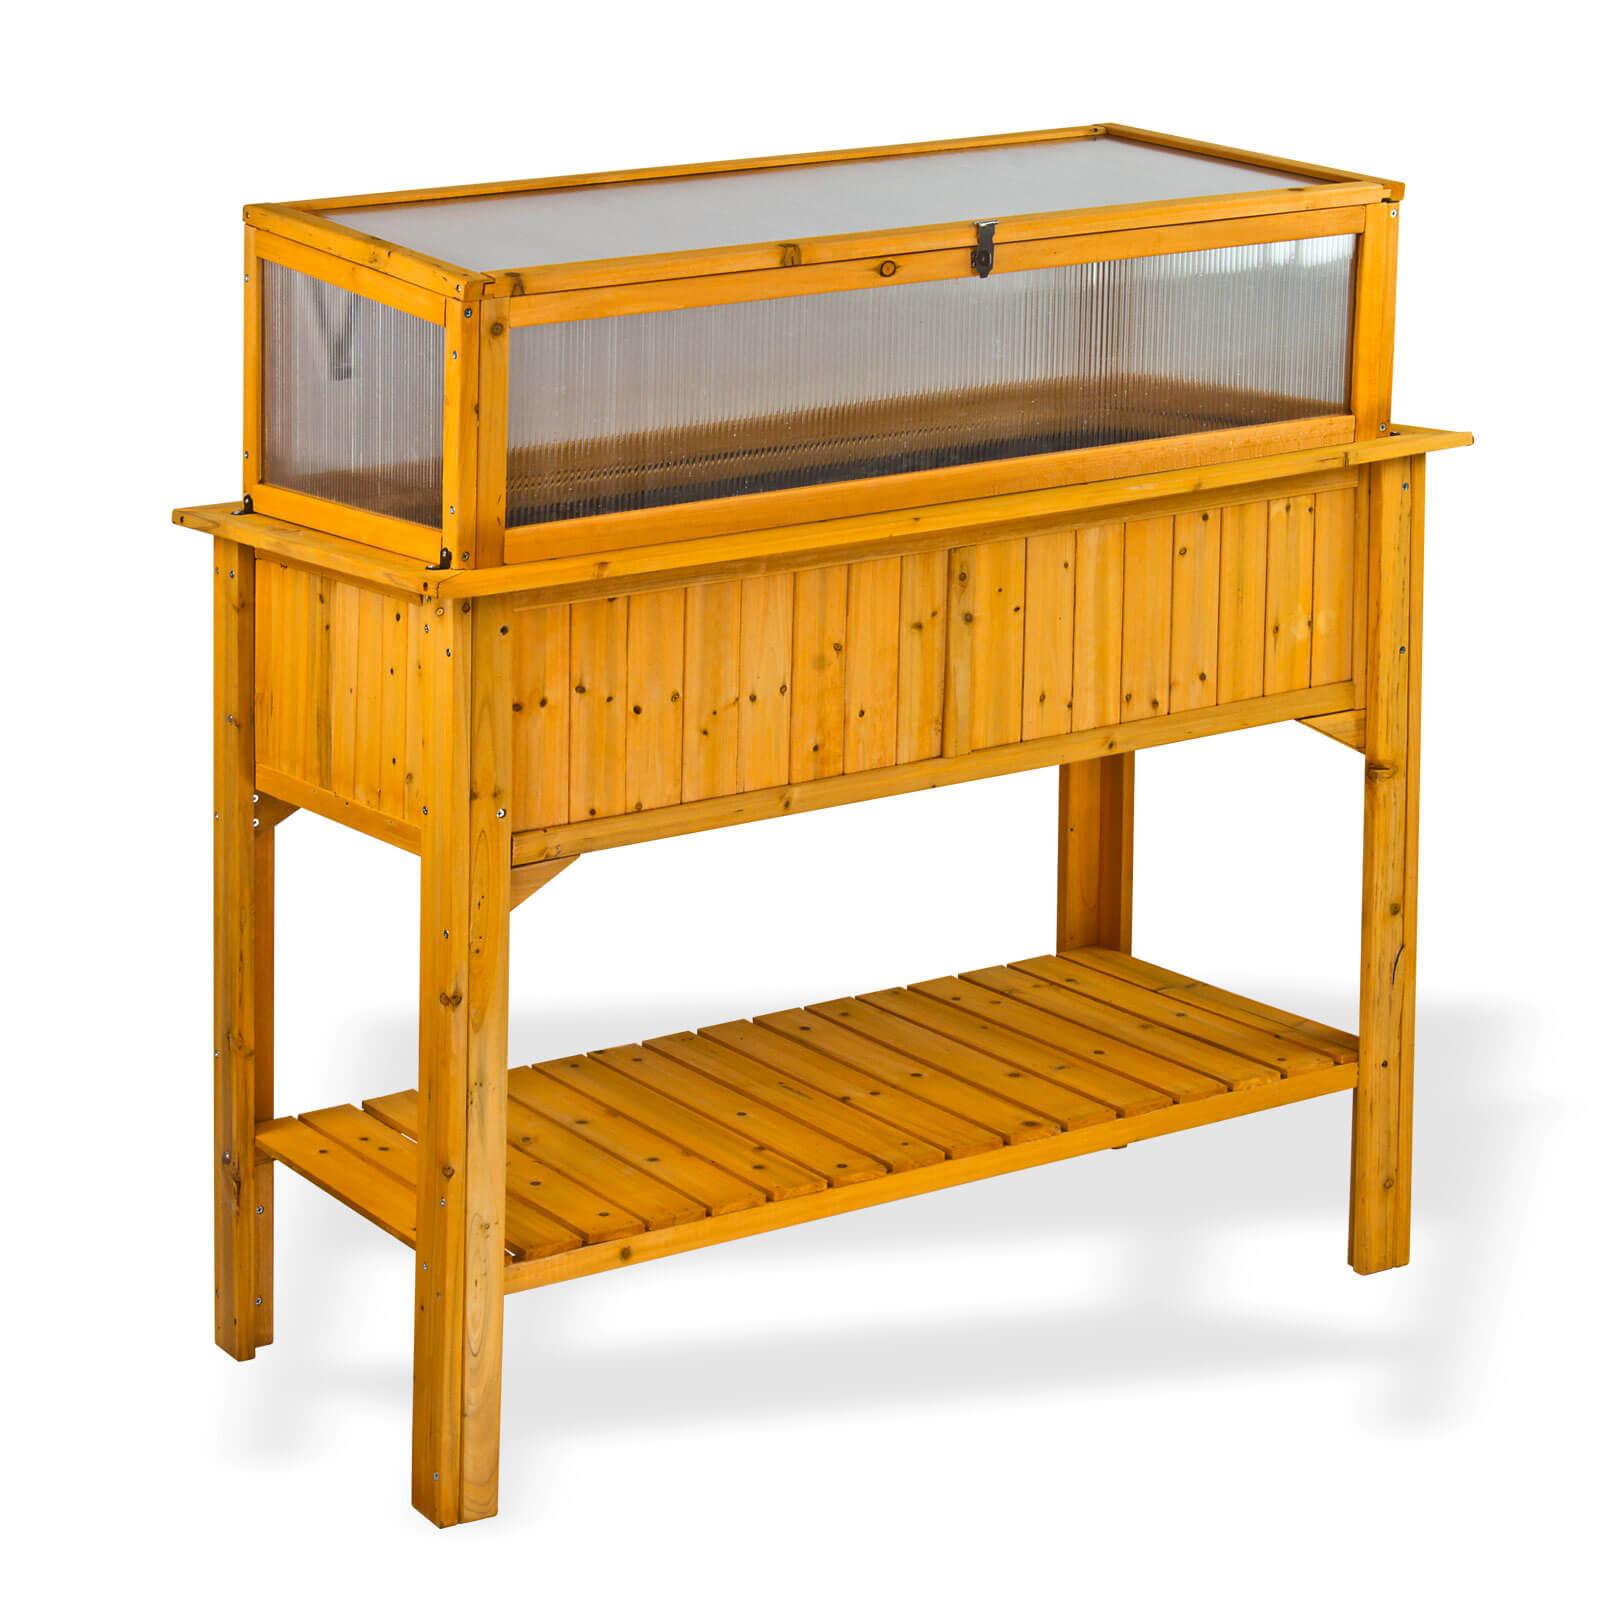 Dema Holz Hochbeet Lucca mit Ablage und Frühbeet-Aufsatz Garten-Beet aus Nadelholz 47043